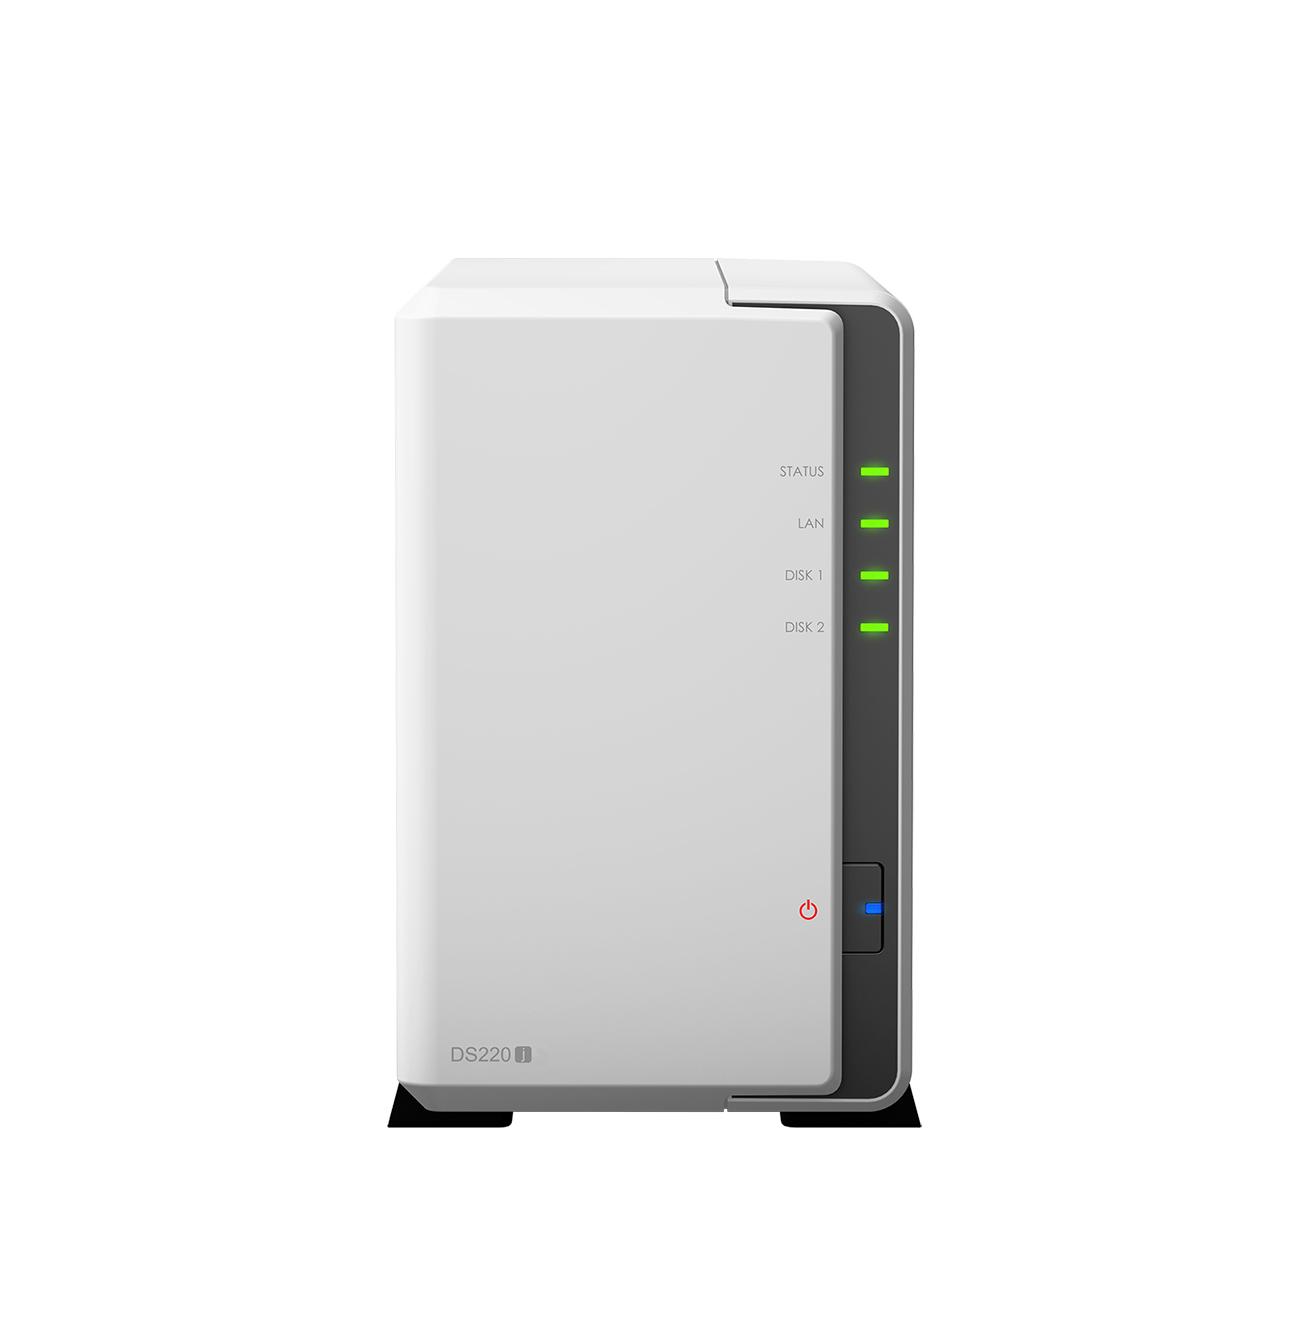 Synology DiskStation DS220j NAS Server Πληρωμή έως 24 δόσεις